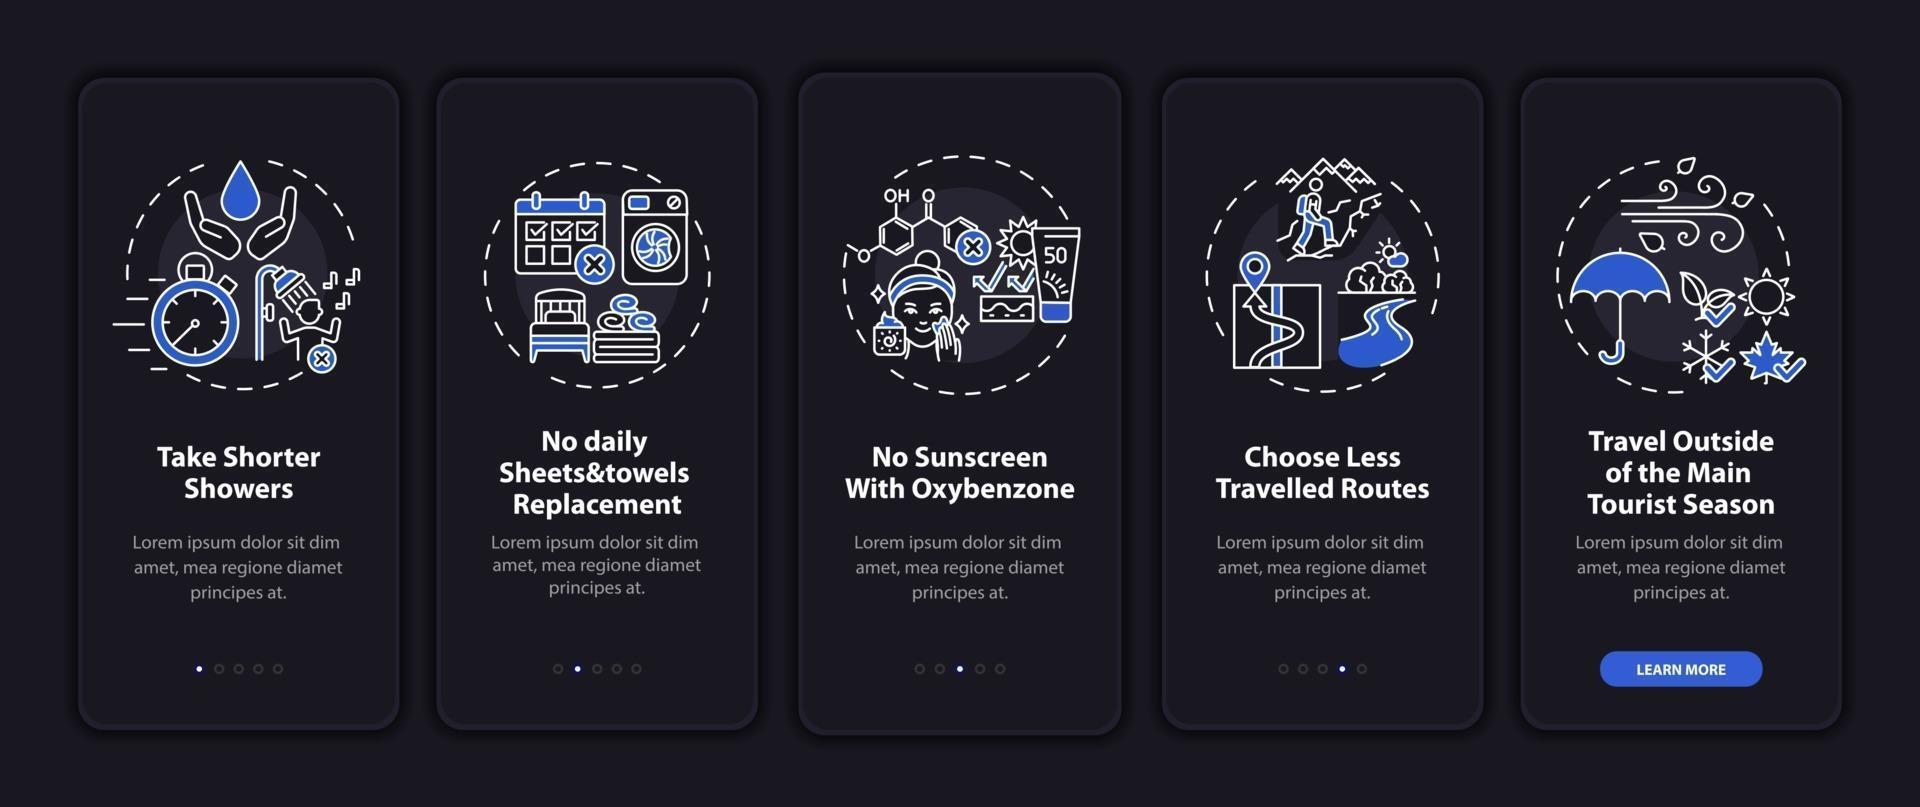 idee di turismo sostenibile onboarding schermata della pagina dell'app mobile con concetti vettore